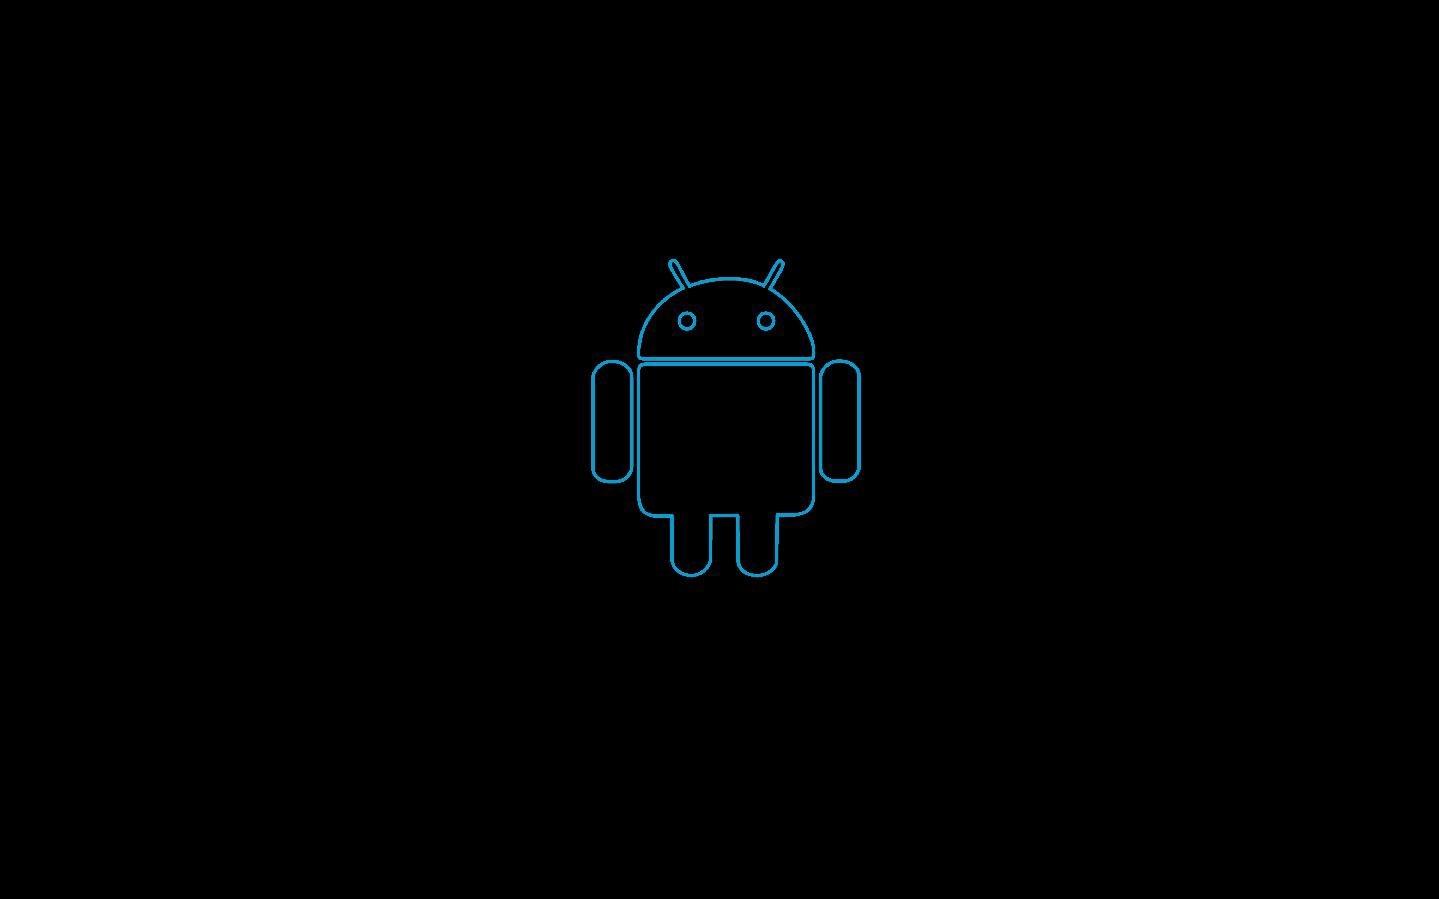 Скрытая настройка во всех Android -смартфонах позволяет включить темную 14